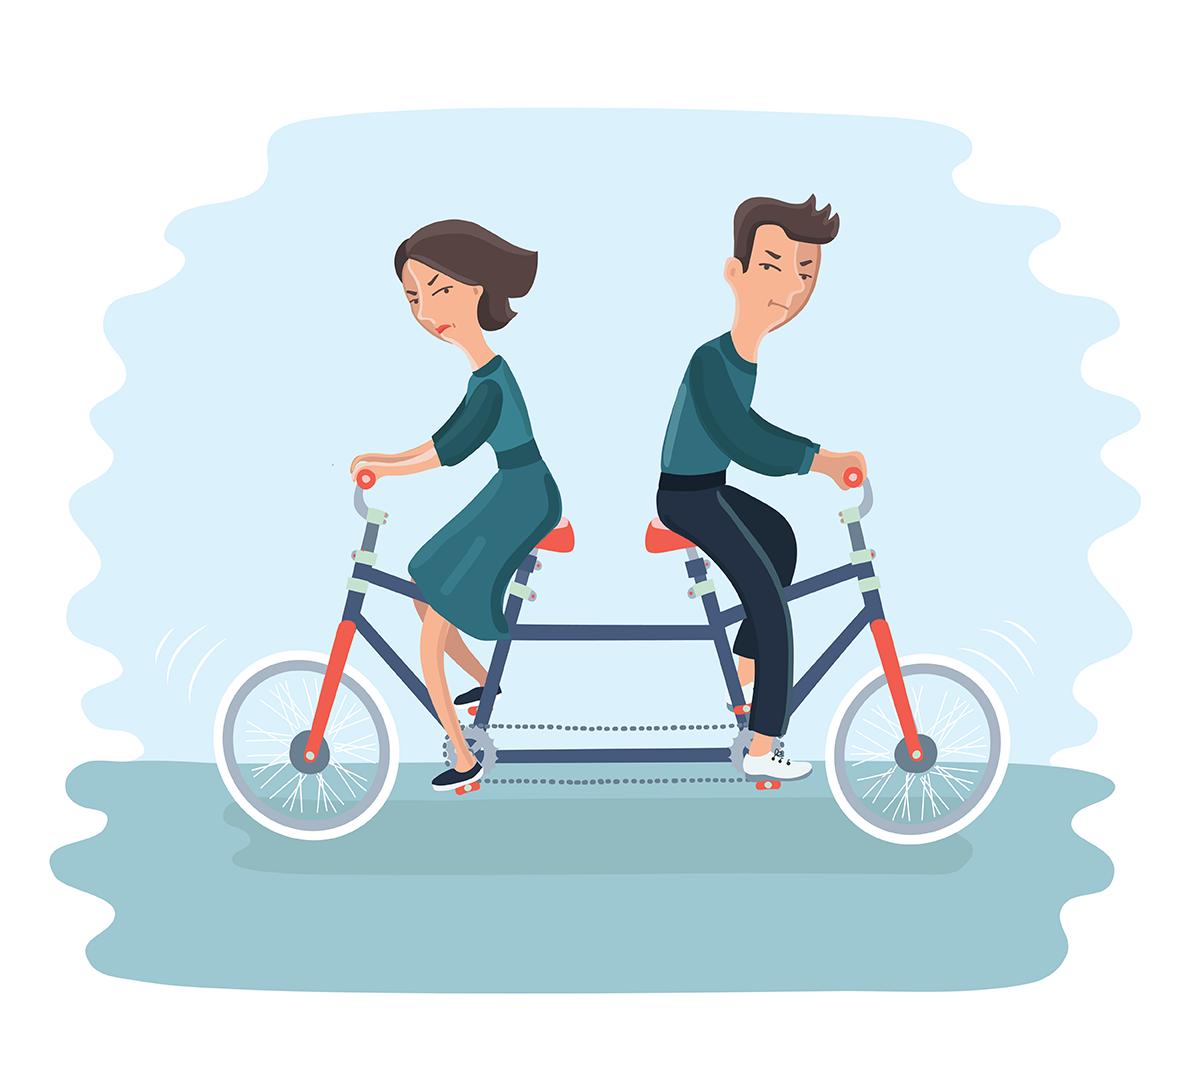 Đàn ông không thích phụ nữ ranh mãnh, điều khiển tâm trí họ. Ảnh: Shutterstock.